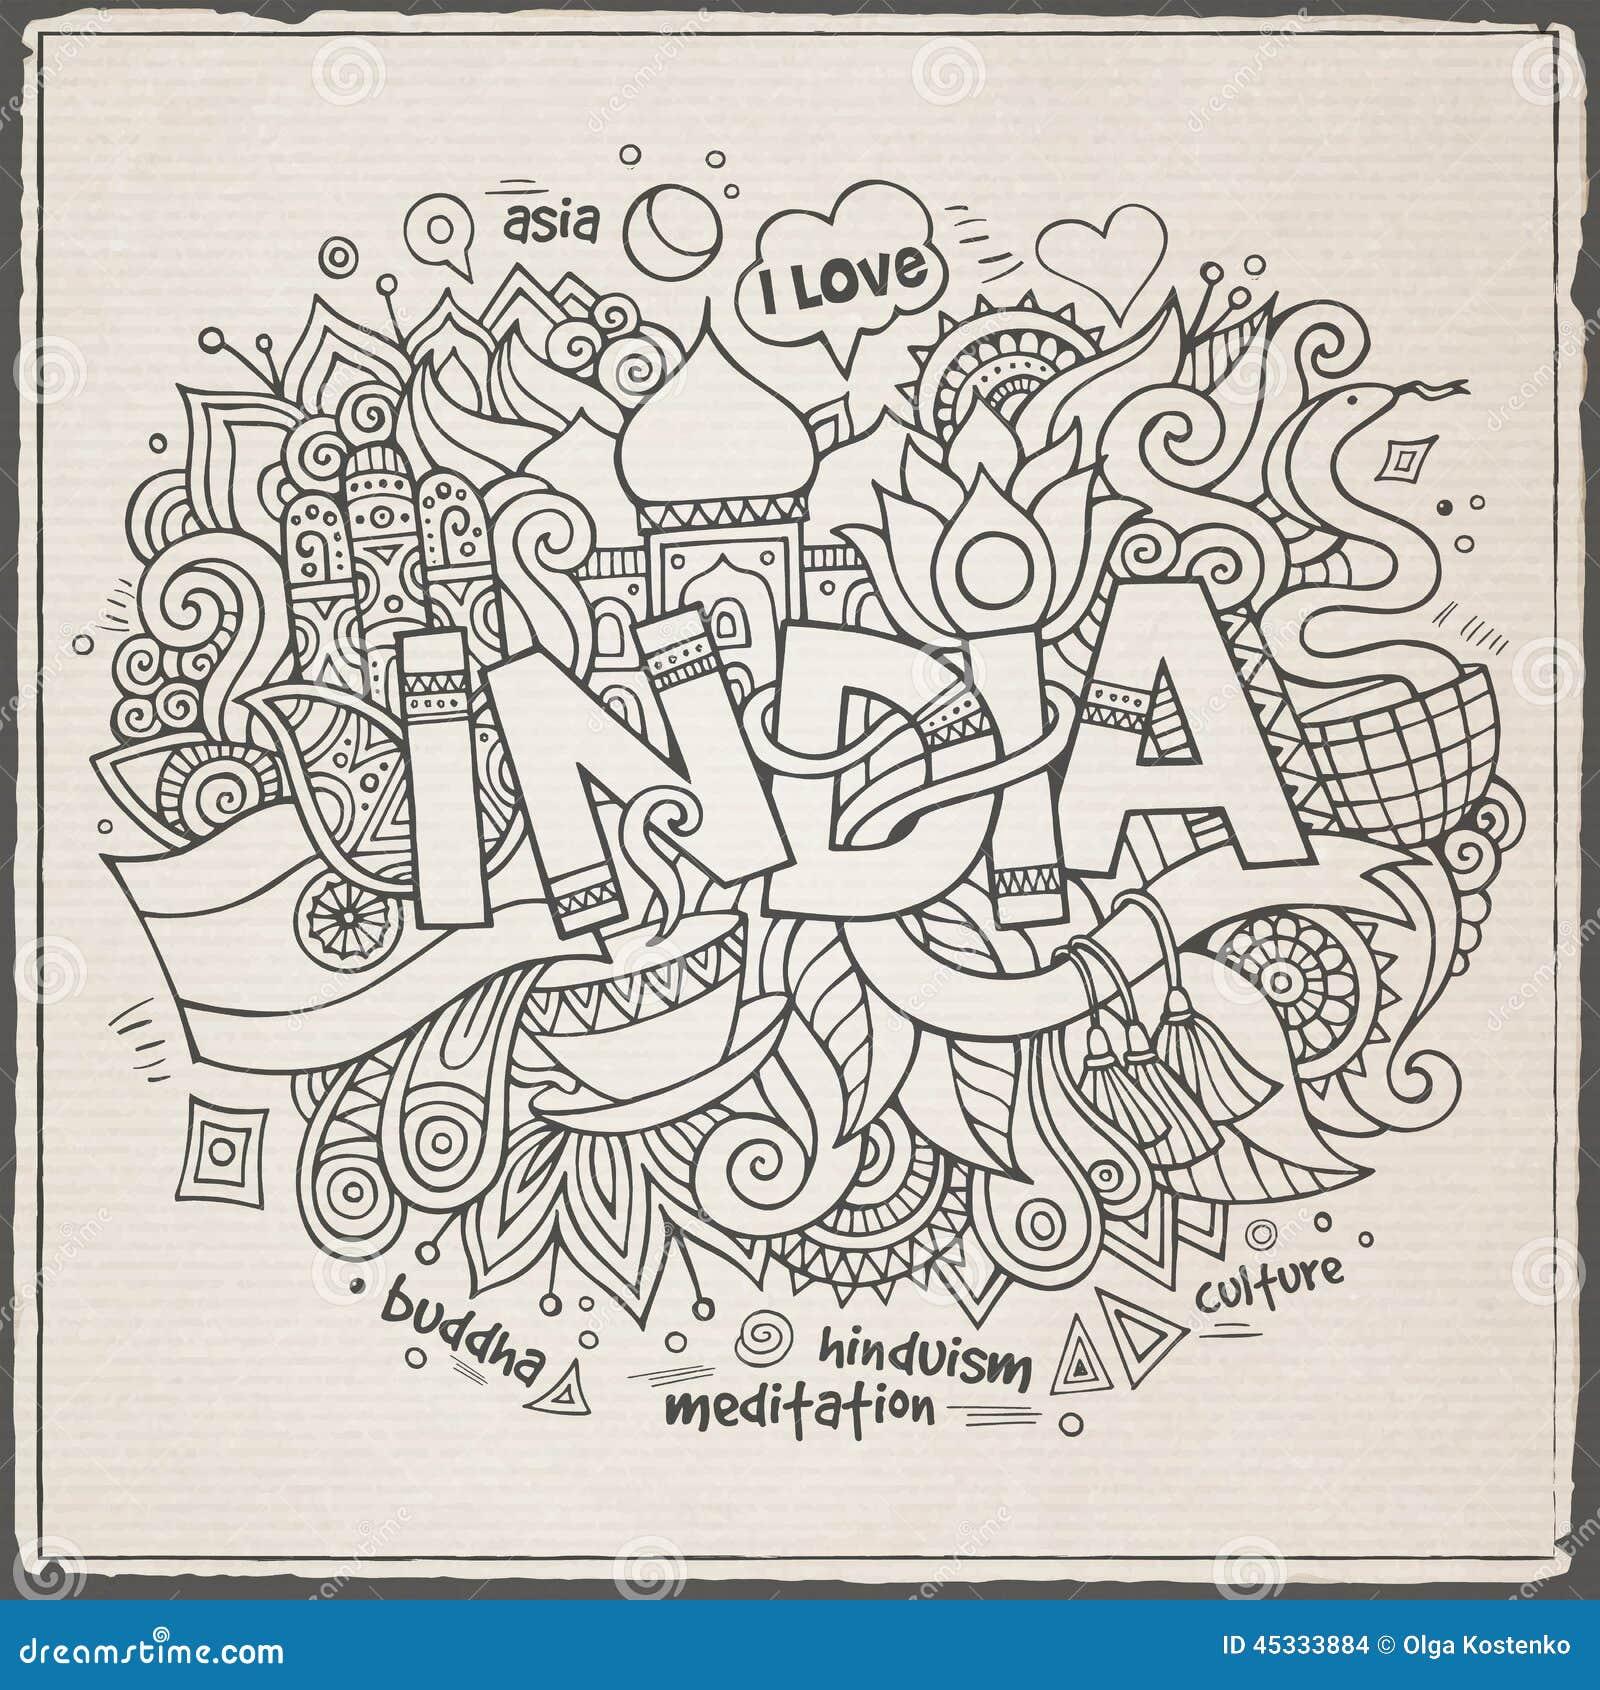 letras de la india: